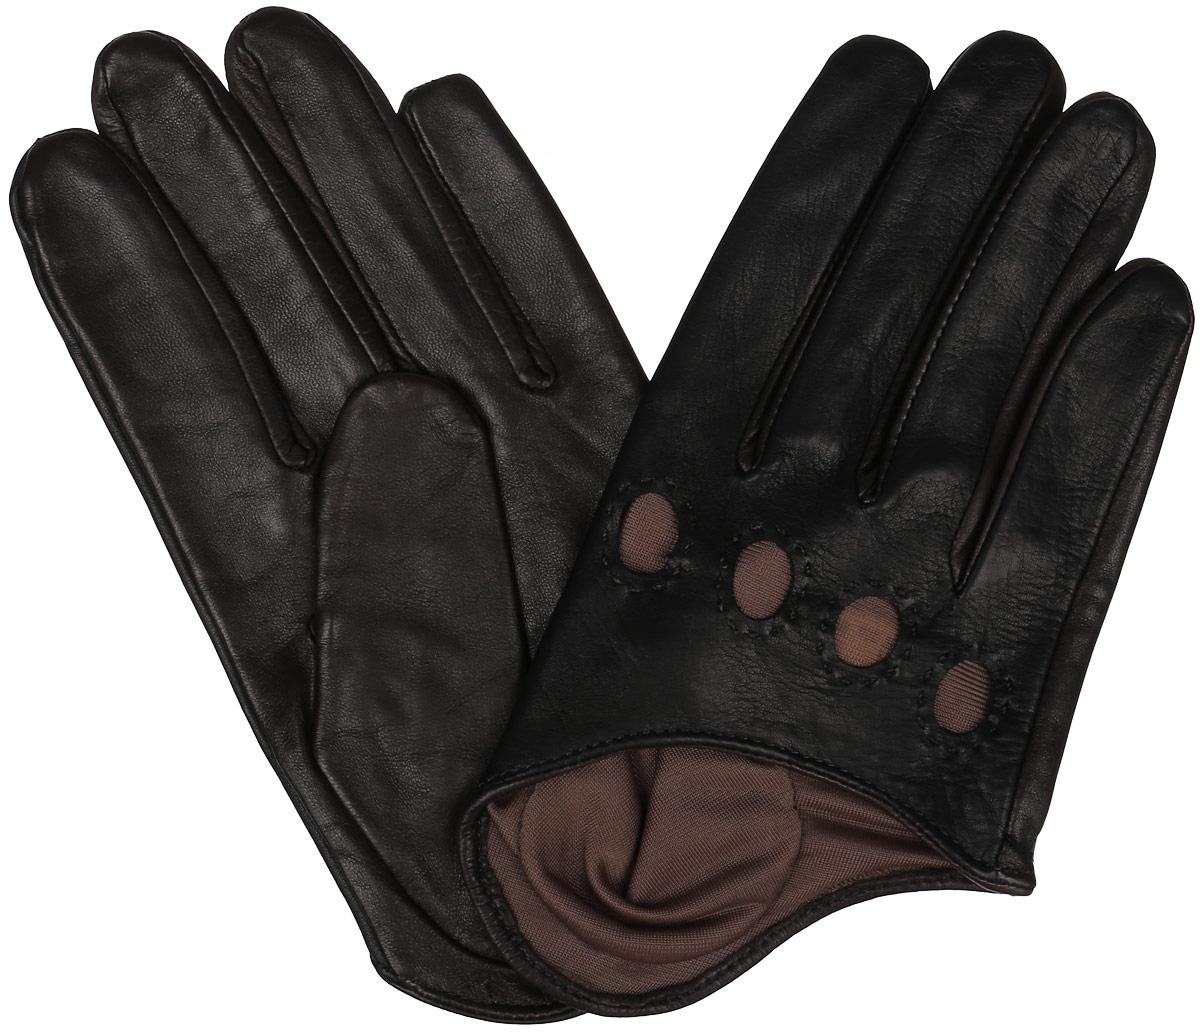 K81-IA1/BL.BR (60)Стильные укороченные перчатки Michel Katana с шелковой подкладкой выполнены из мягкой и приятной на ощупь натуральной кожи ягненка. С лицевой стороны перчатки оформлены декоративной перфорацией. Перчатки станут достойным элементом вашего стиля и сохранят тепло ваших рук. Это не просто модный аксессуар, но и уникальный авторский стиль, наполненный духом севера Франции.